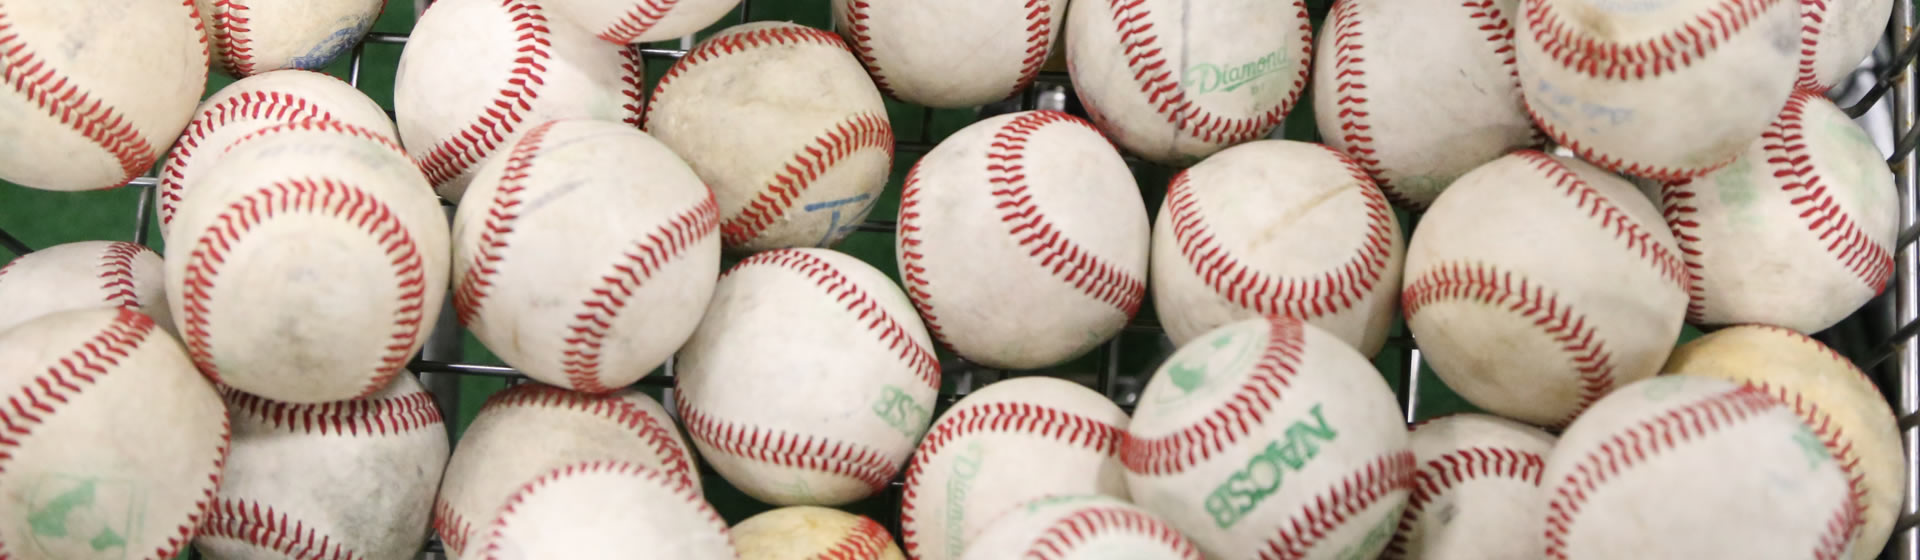 Baseballs-02.jpg